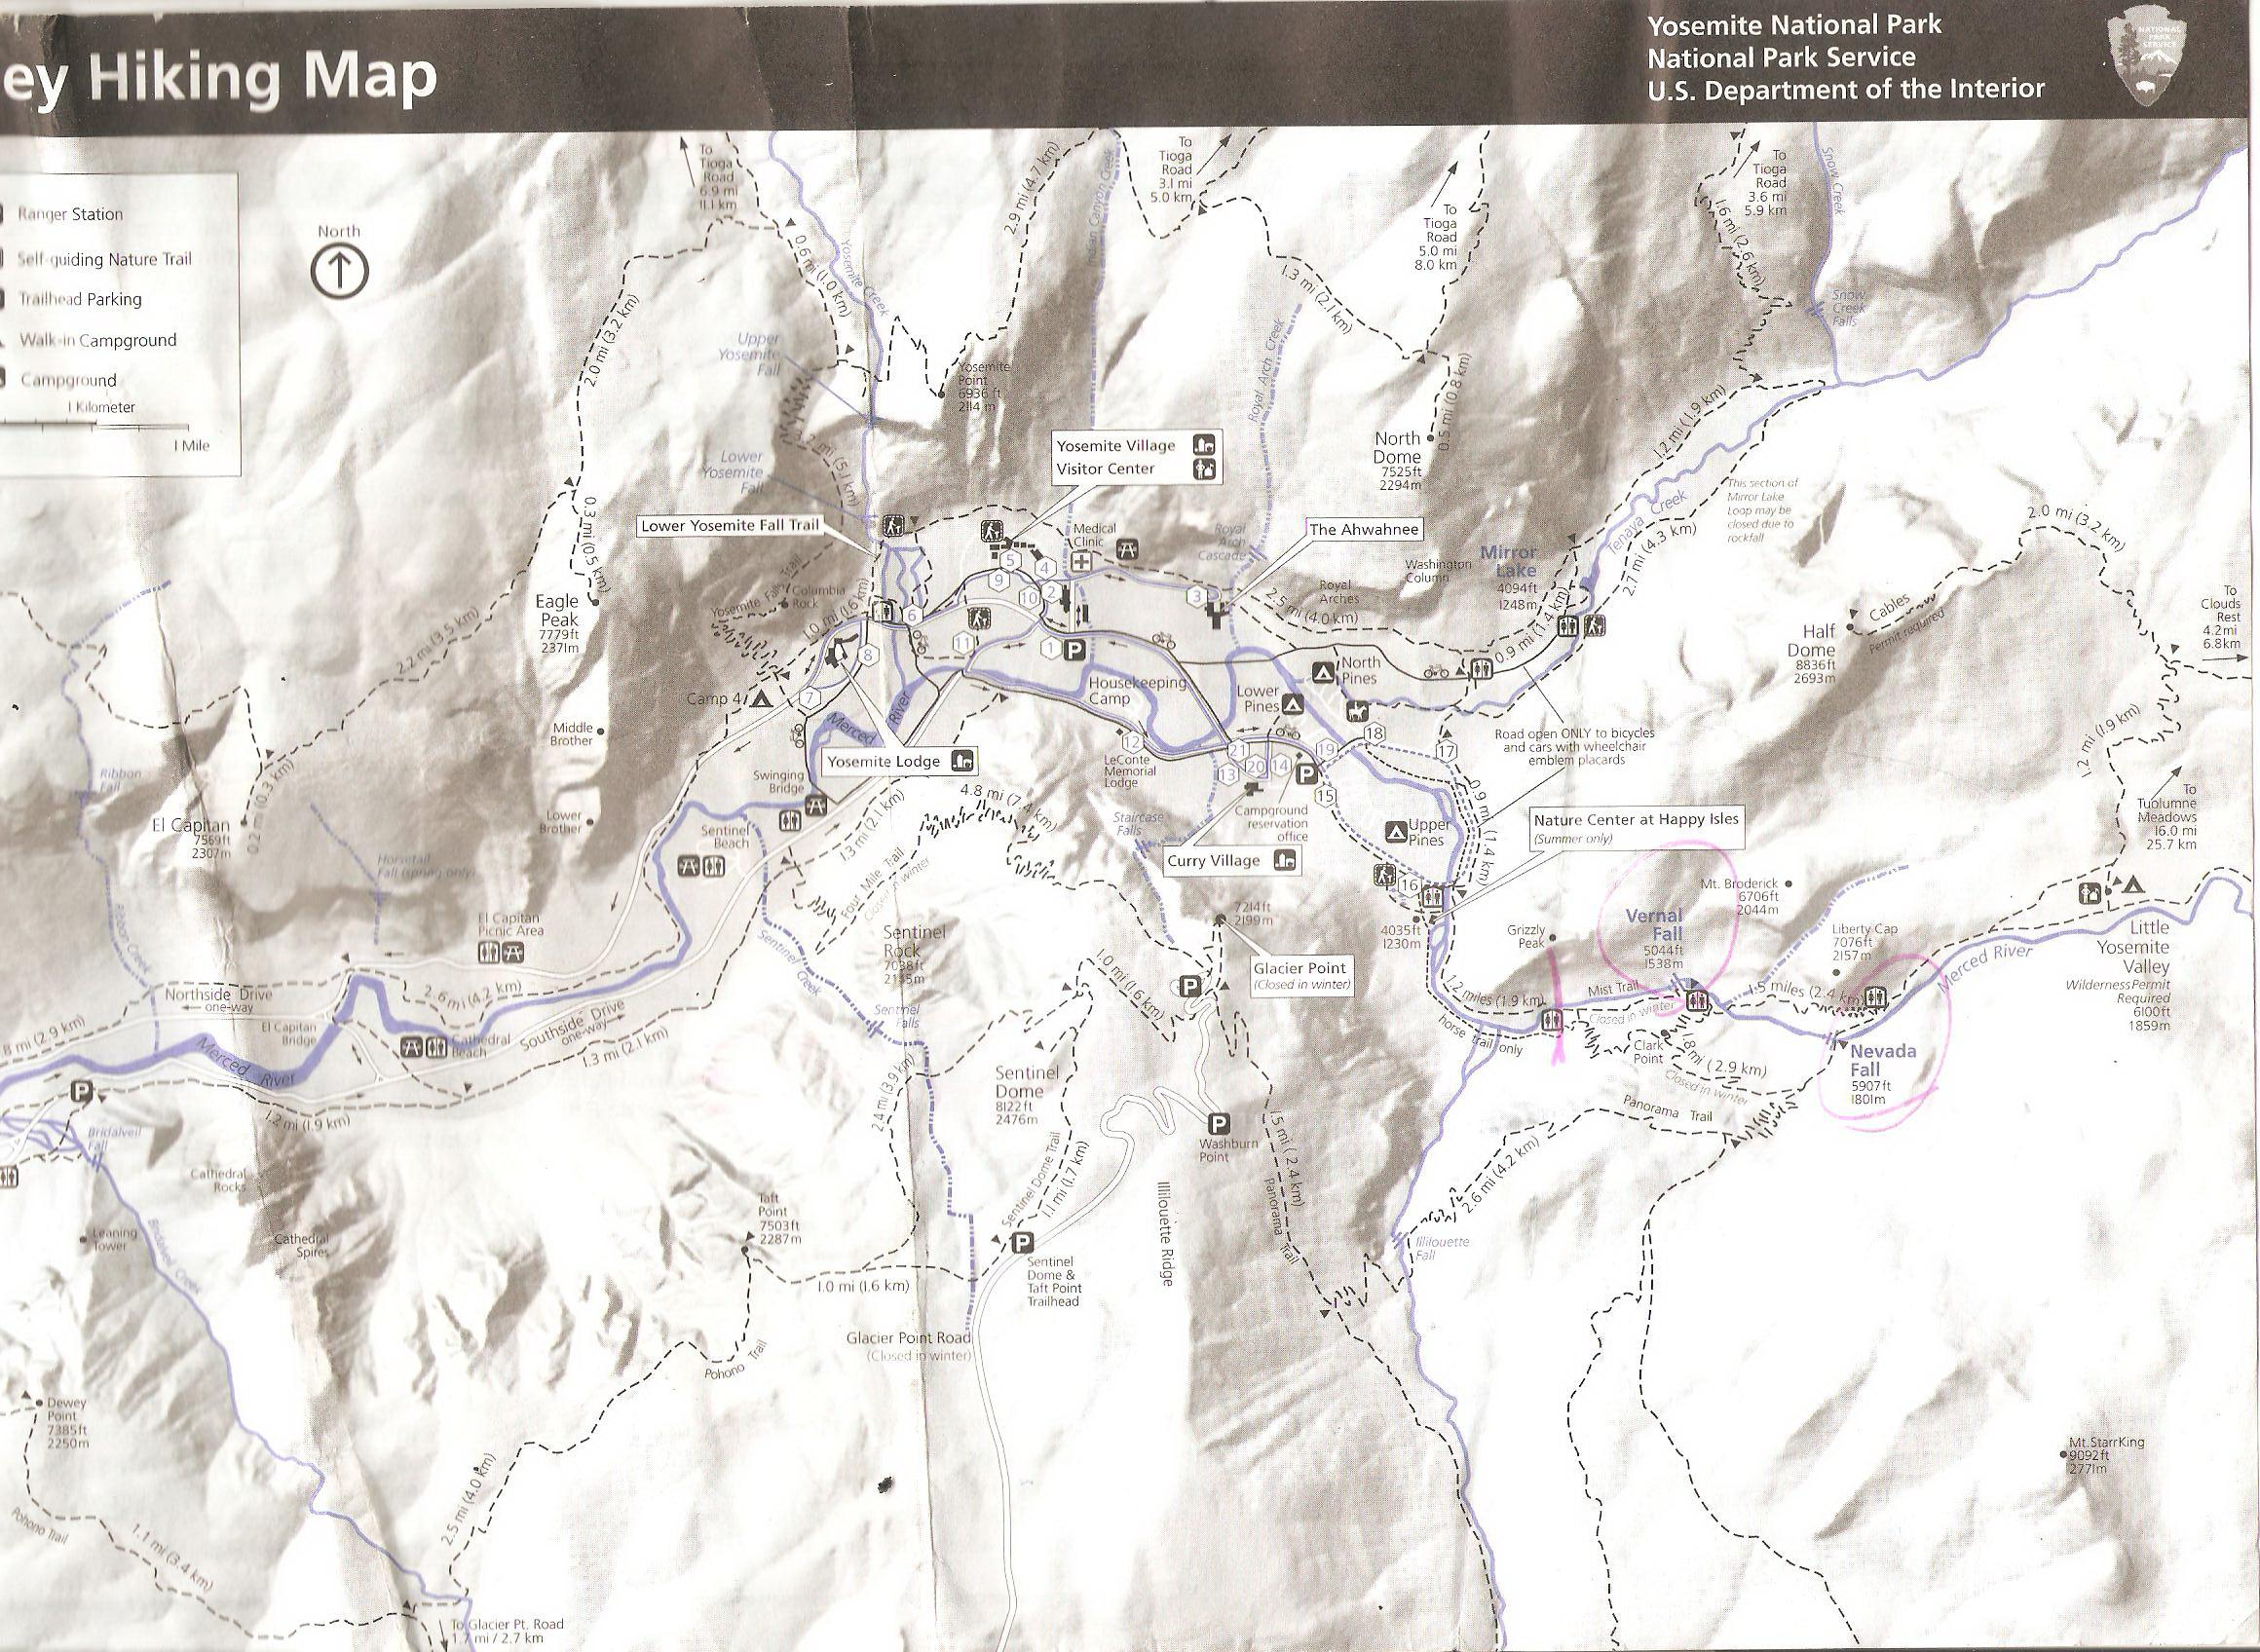 США, Yosemite, схема маршрута